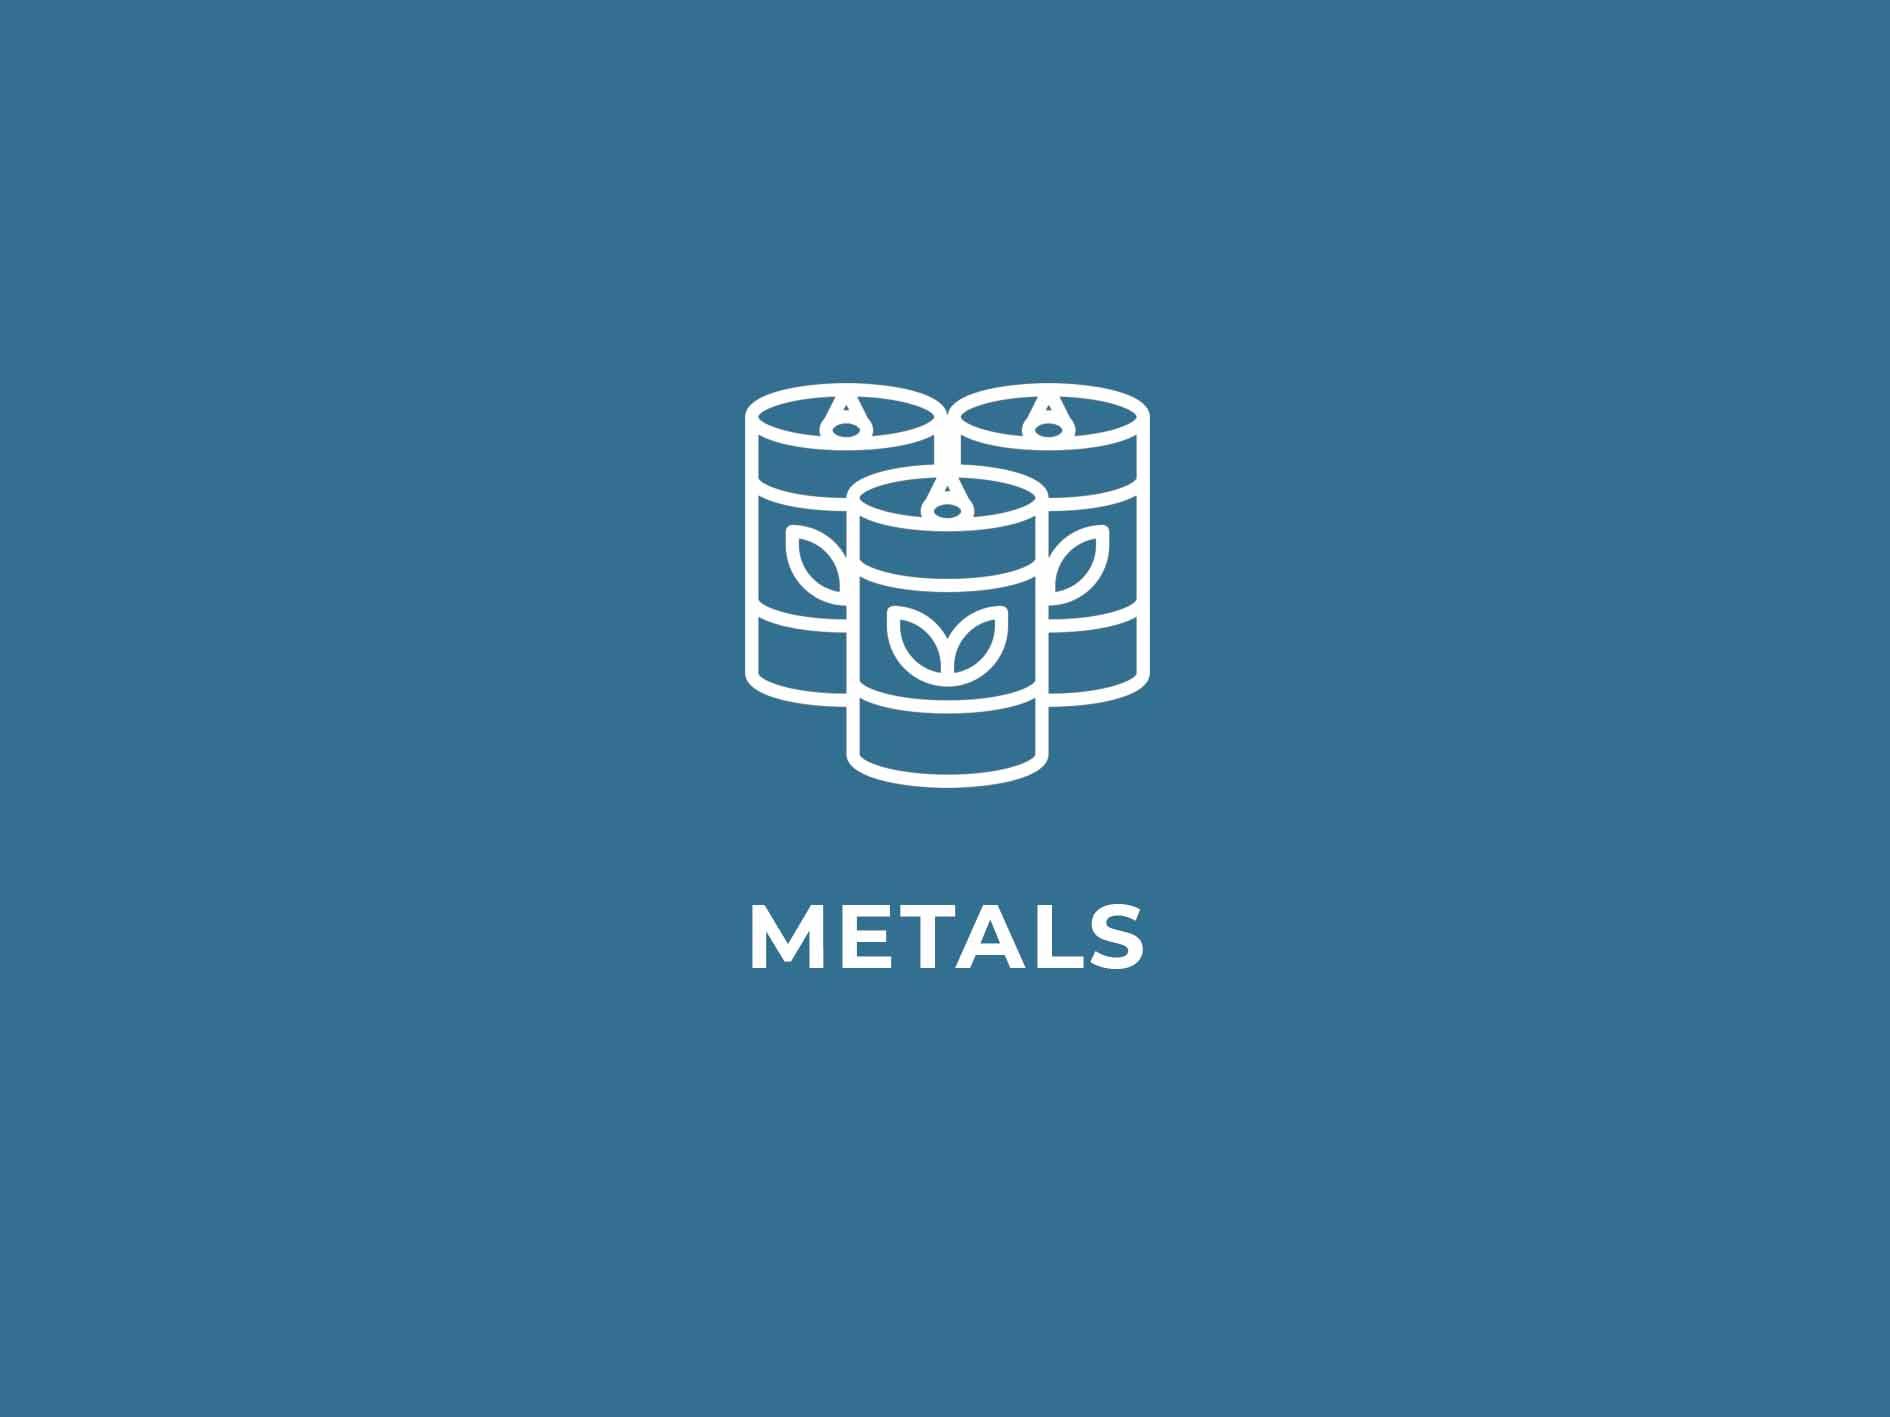 illustation of aluminum cans on blue background